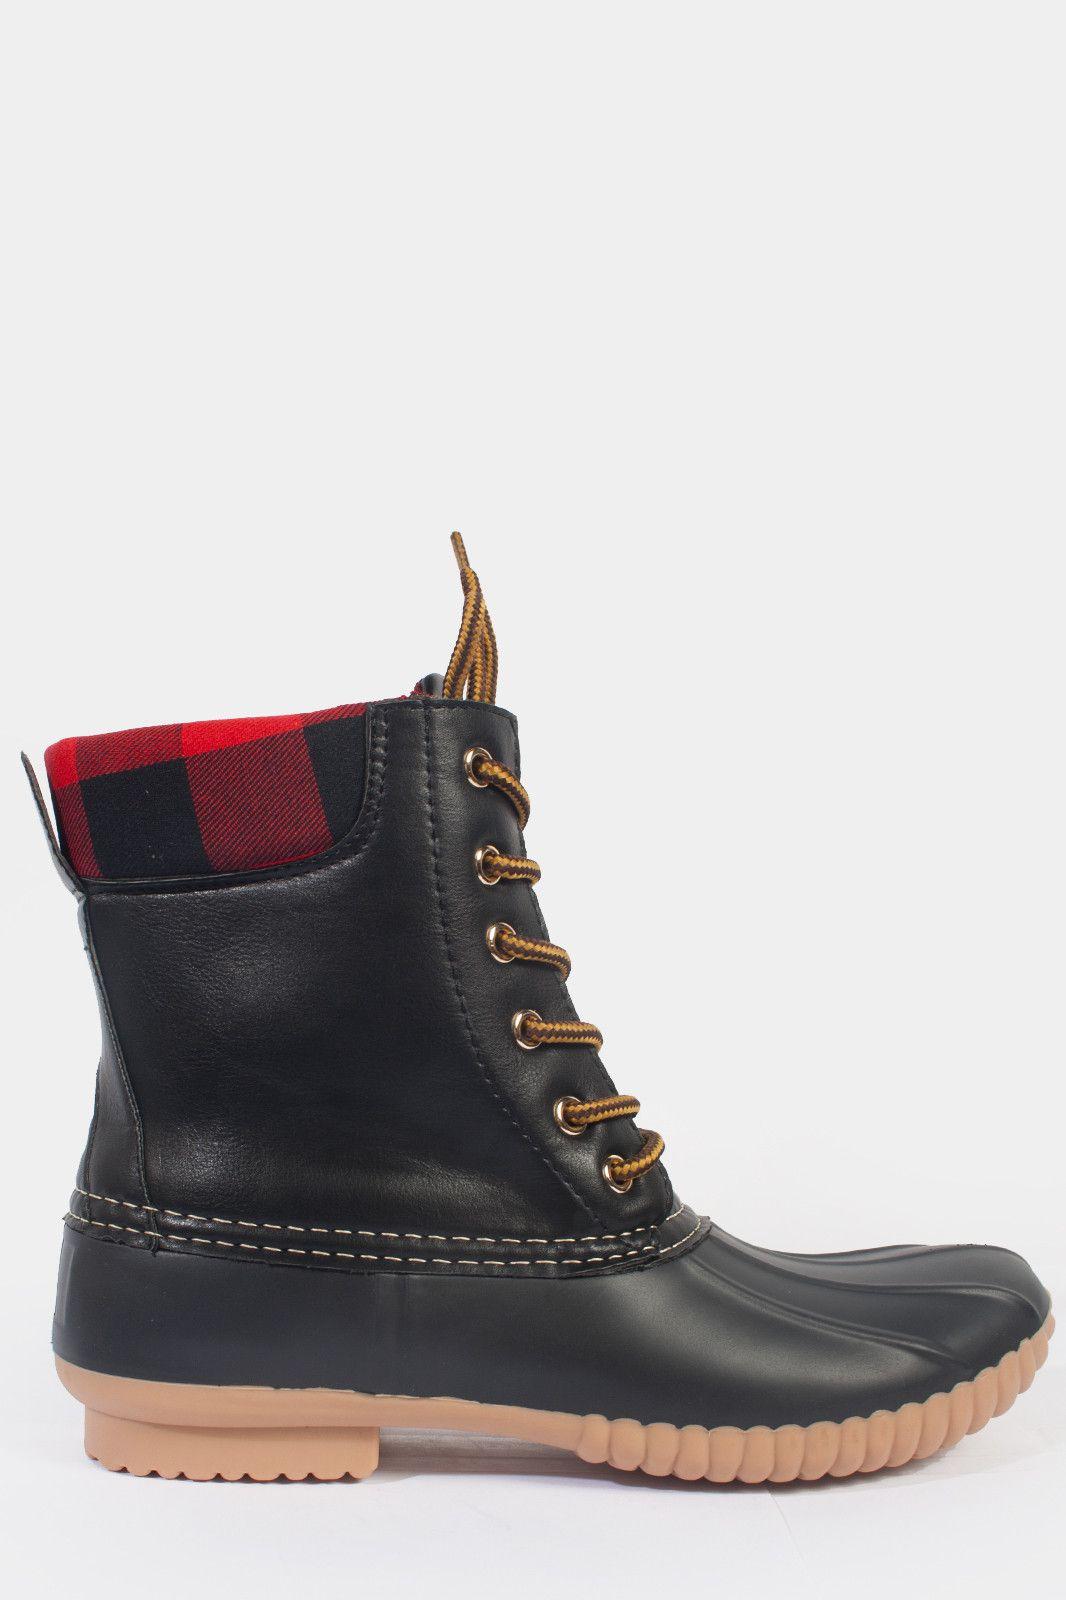 9cb86ff12540 Plaid Duck Rain Boots